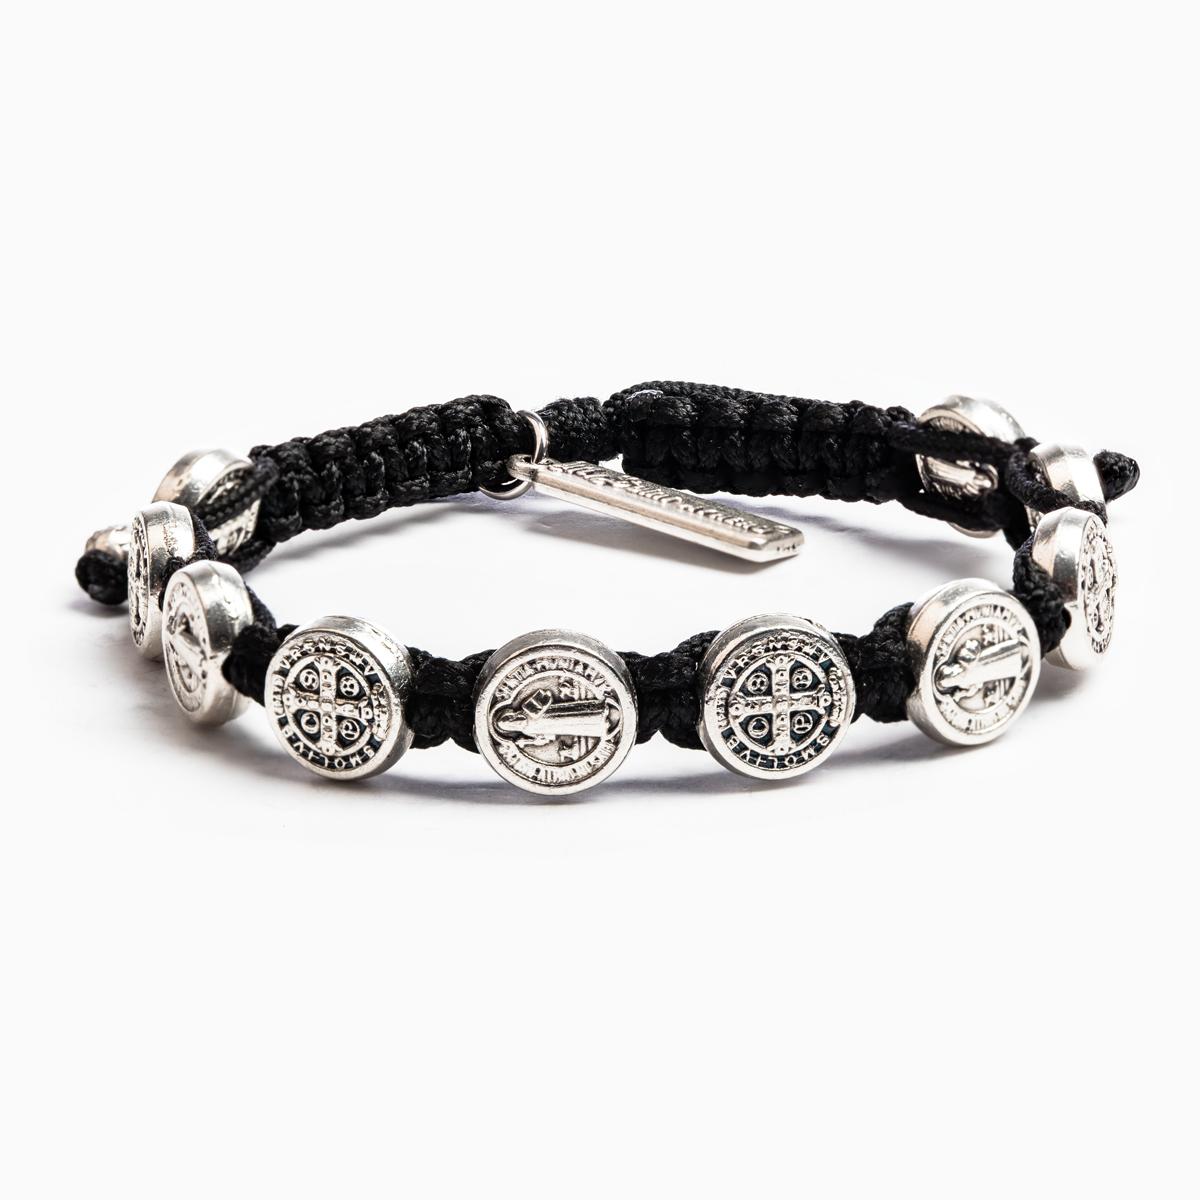 Black Confirmation Blessing Bracelet - Silver